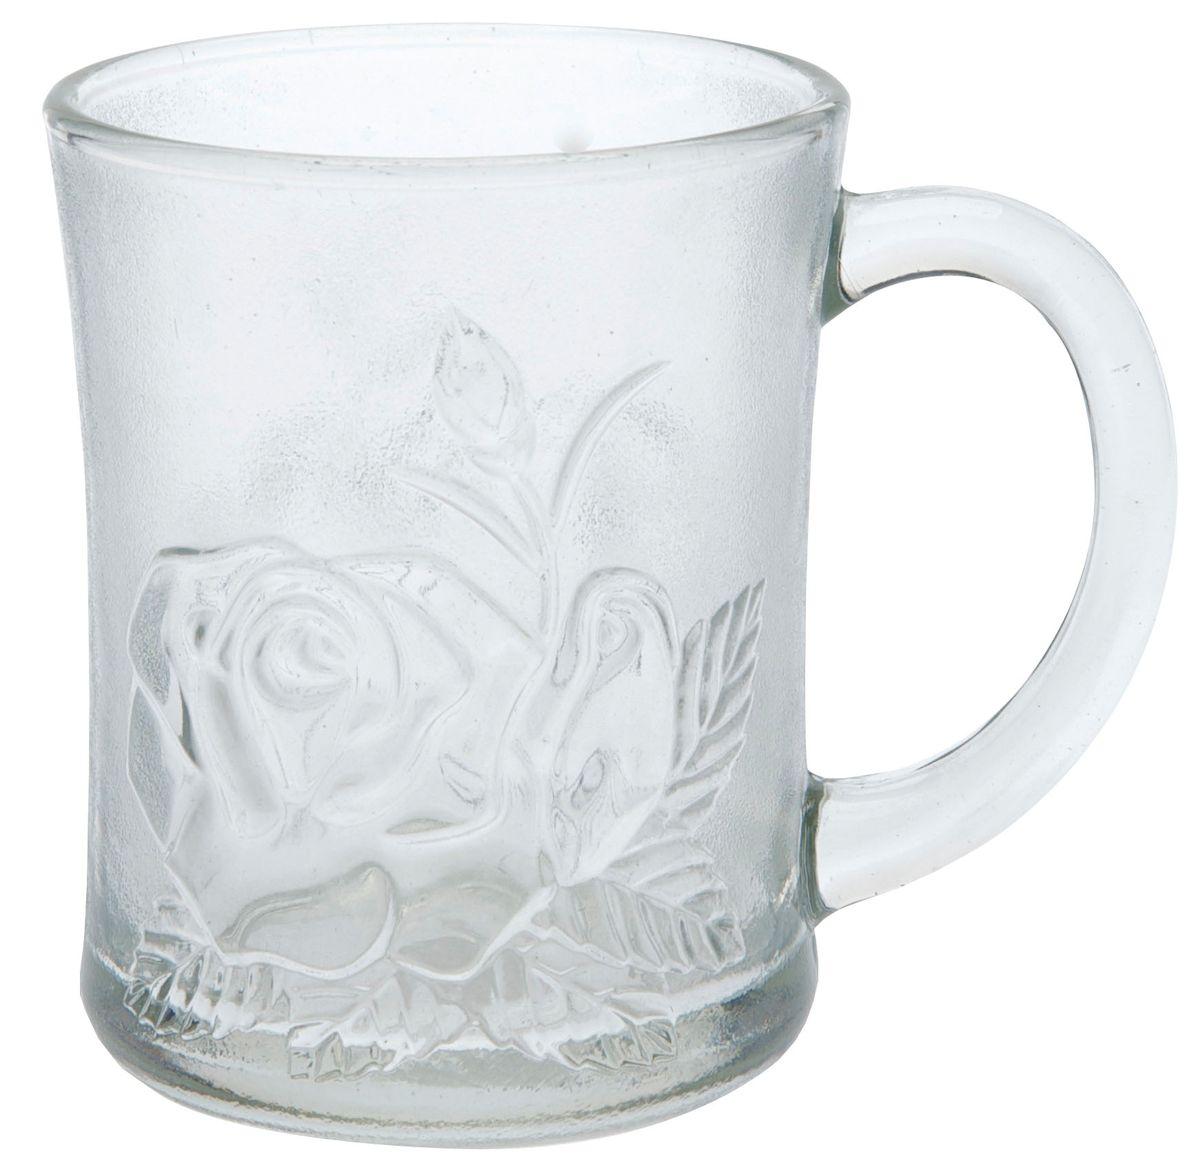 Кружка Axentia Роза, 250 мл115510Кружка Axentia Роза изготовлена из прочного матового стекла и декорирована рельефным изображением розы. Такая кружка прекрасно подойдет для горячих и холодных напитков. Она дополнит коллекцию вашей кухонной посуды и будет служить долгие годы.